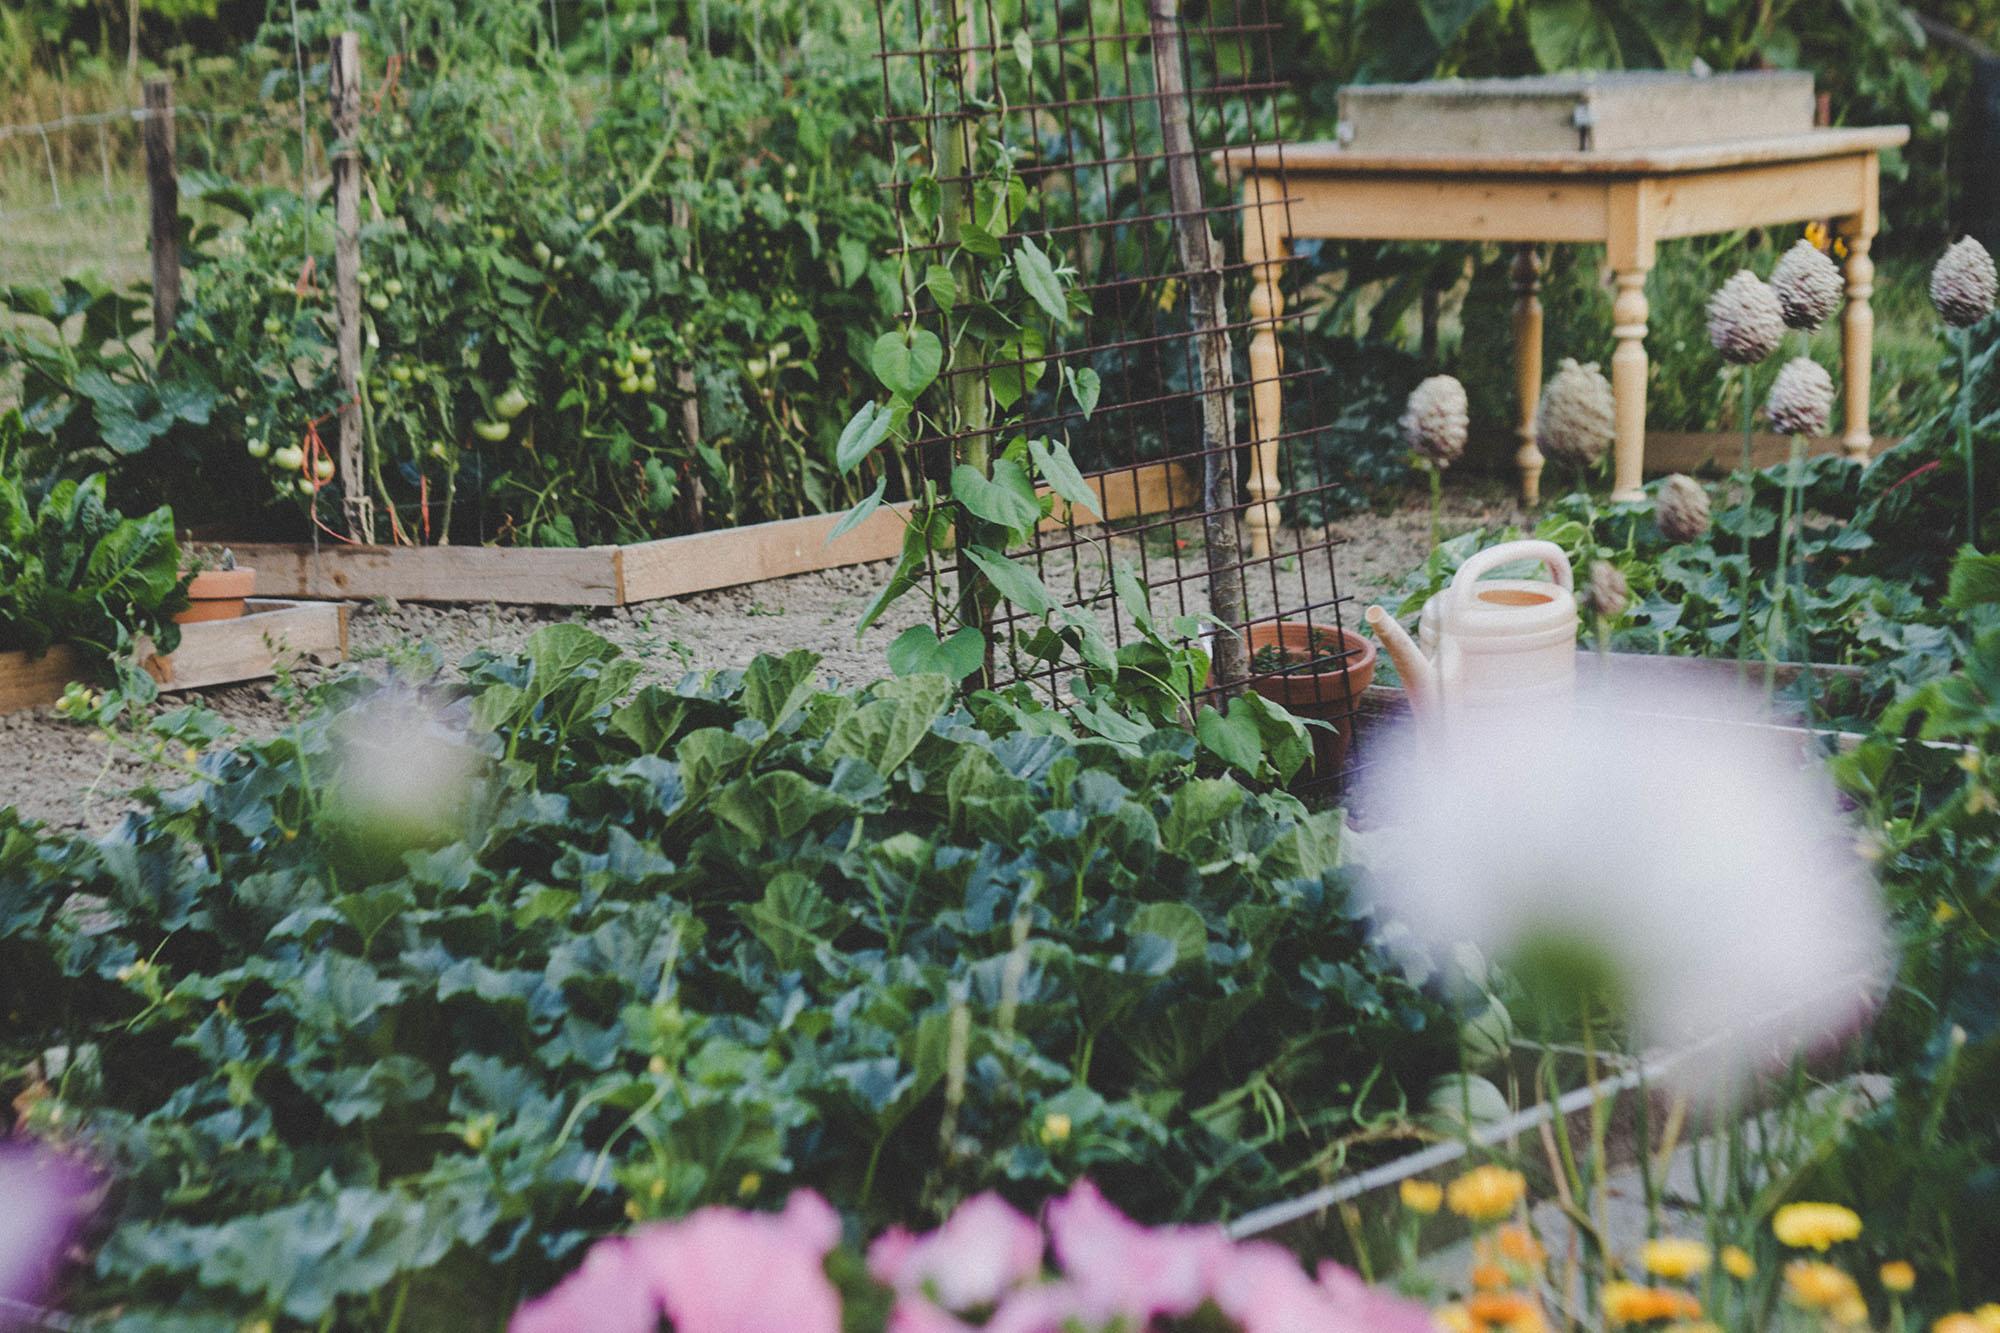 Un Petit Potager Productif comment faire un petit jardin potager ? - troc legumes